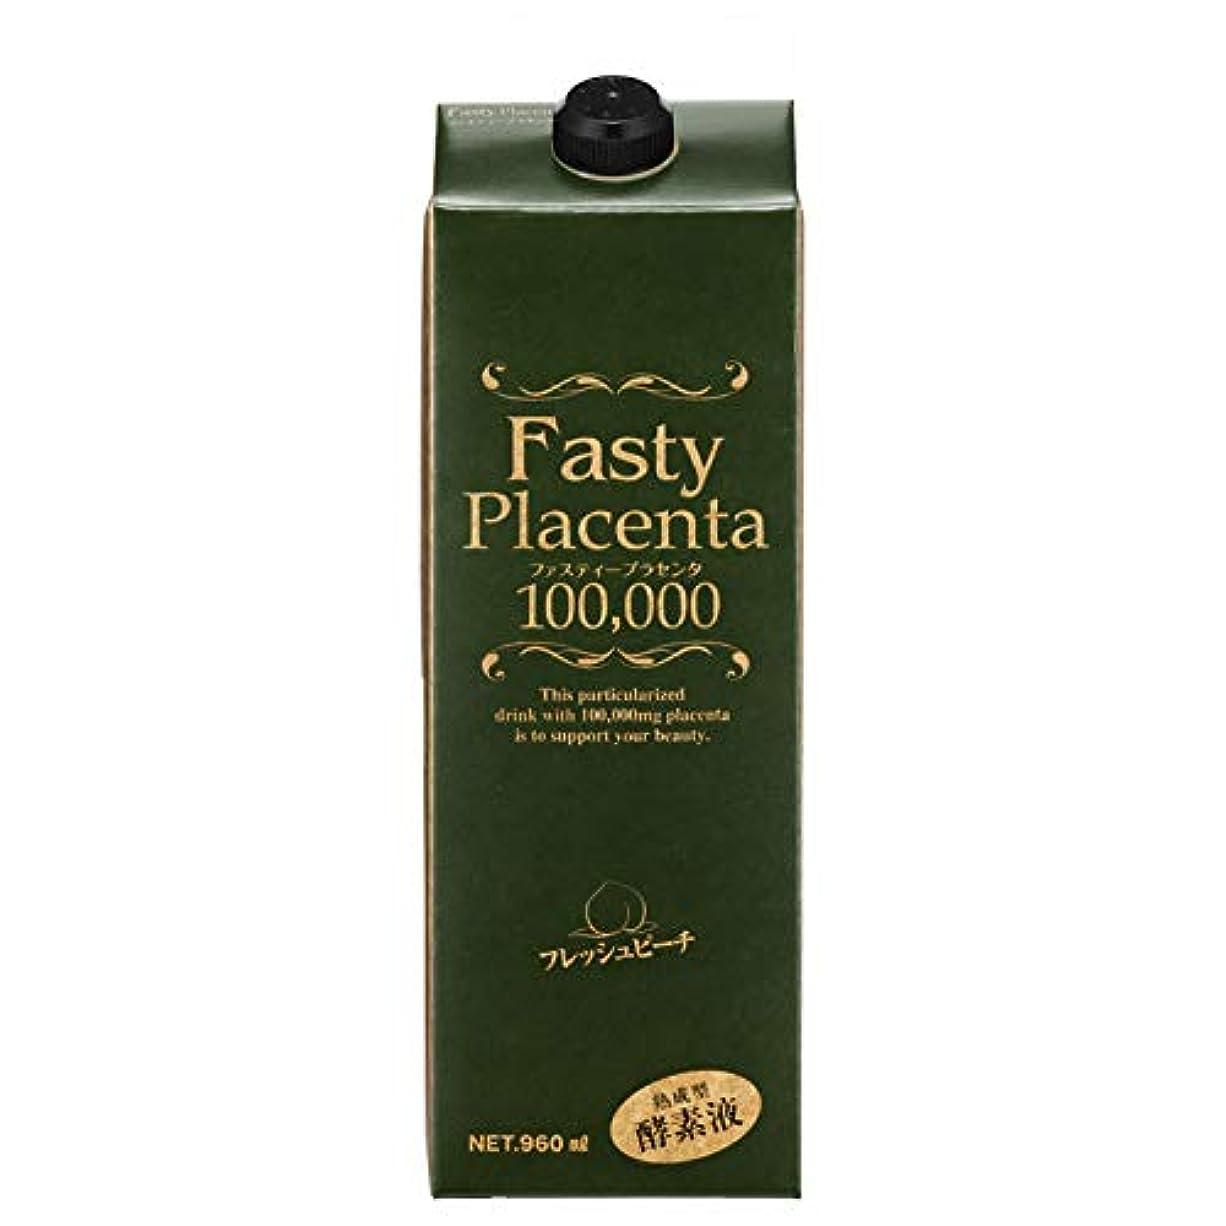 にぎやか師匠申請中ファスティープラセンタ100,000 増量パック(フレッシュピーチ味)1個